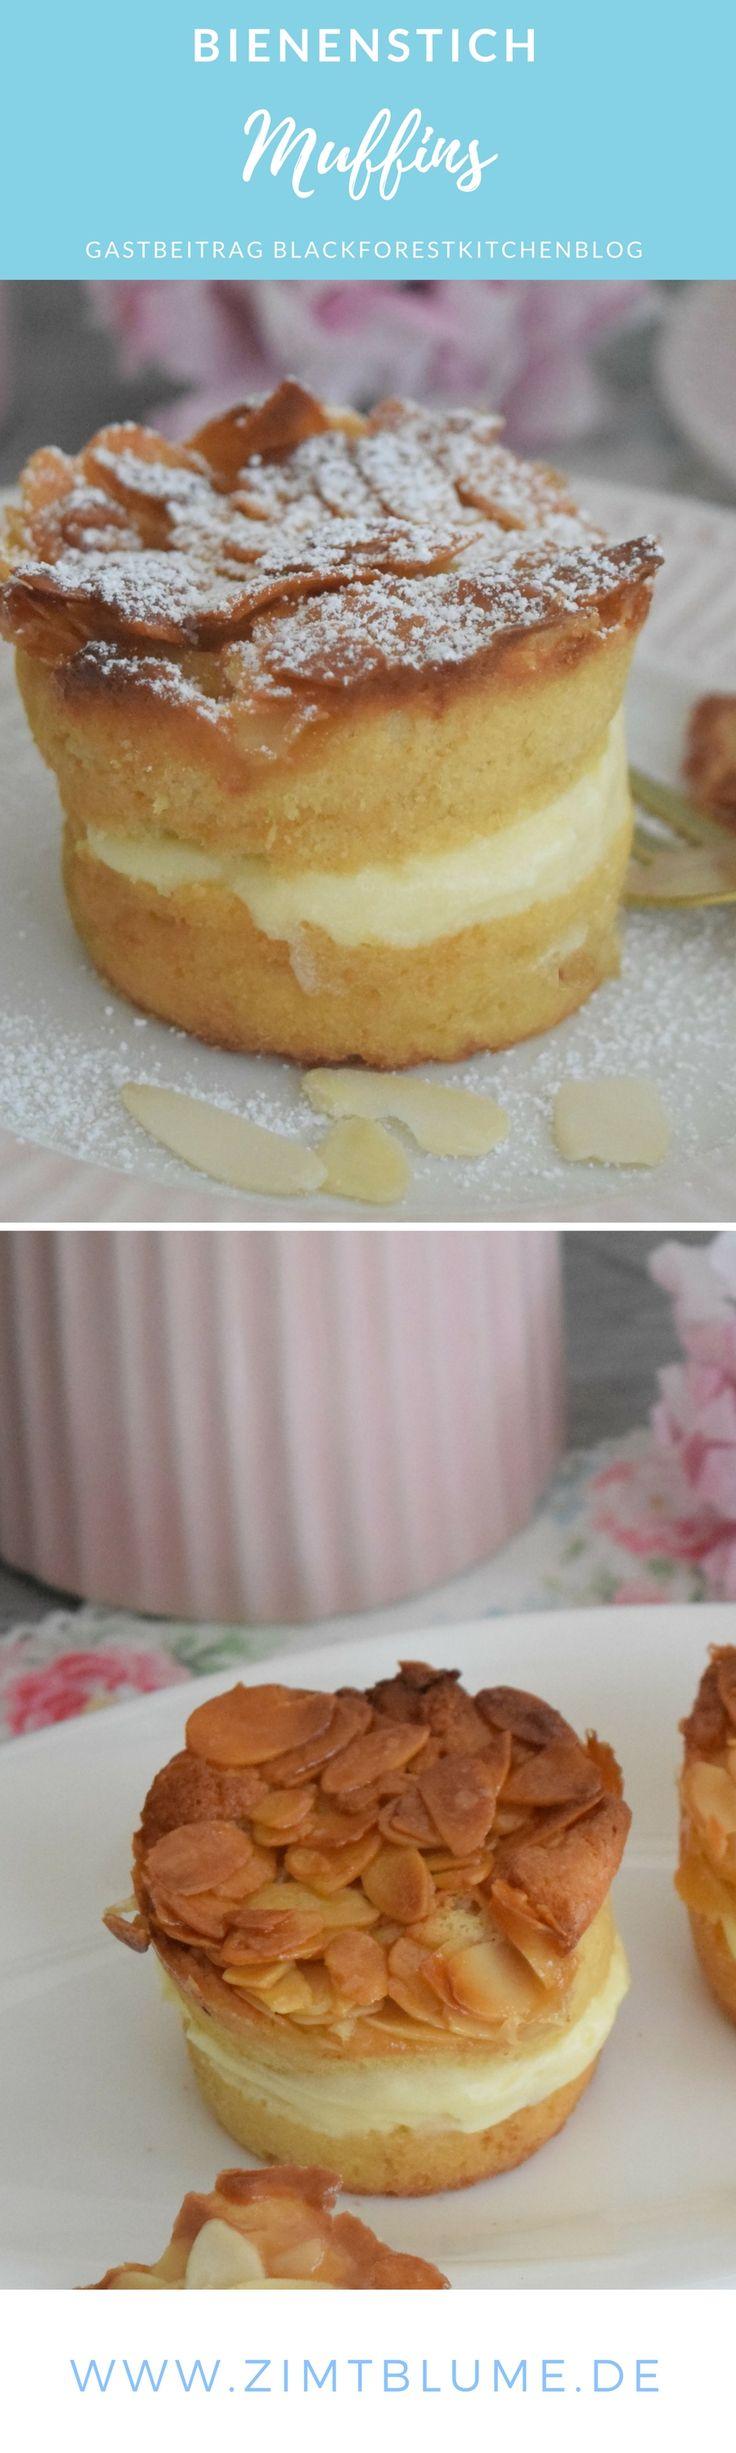 {Gastbeitrag} Rezept für Bienenstich Muffins via @DieZimtblume